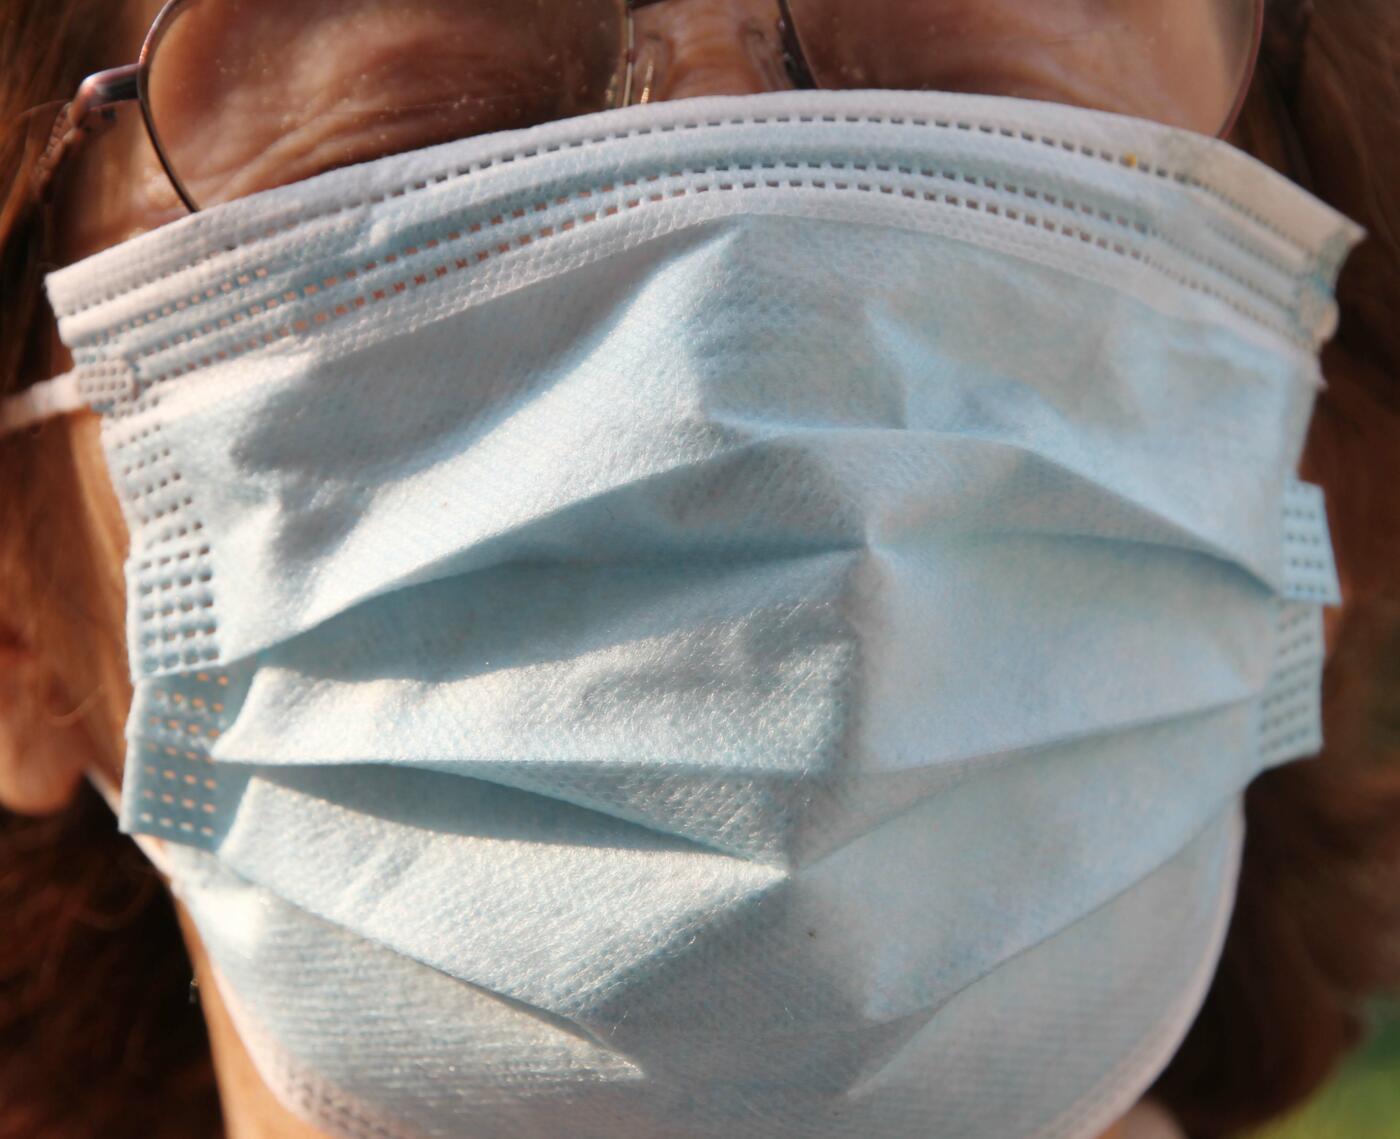 El uso de máscaras en el condado de Dane se extiende hasta el 8 de octubre